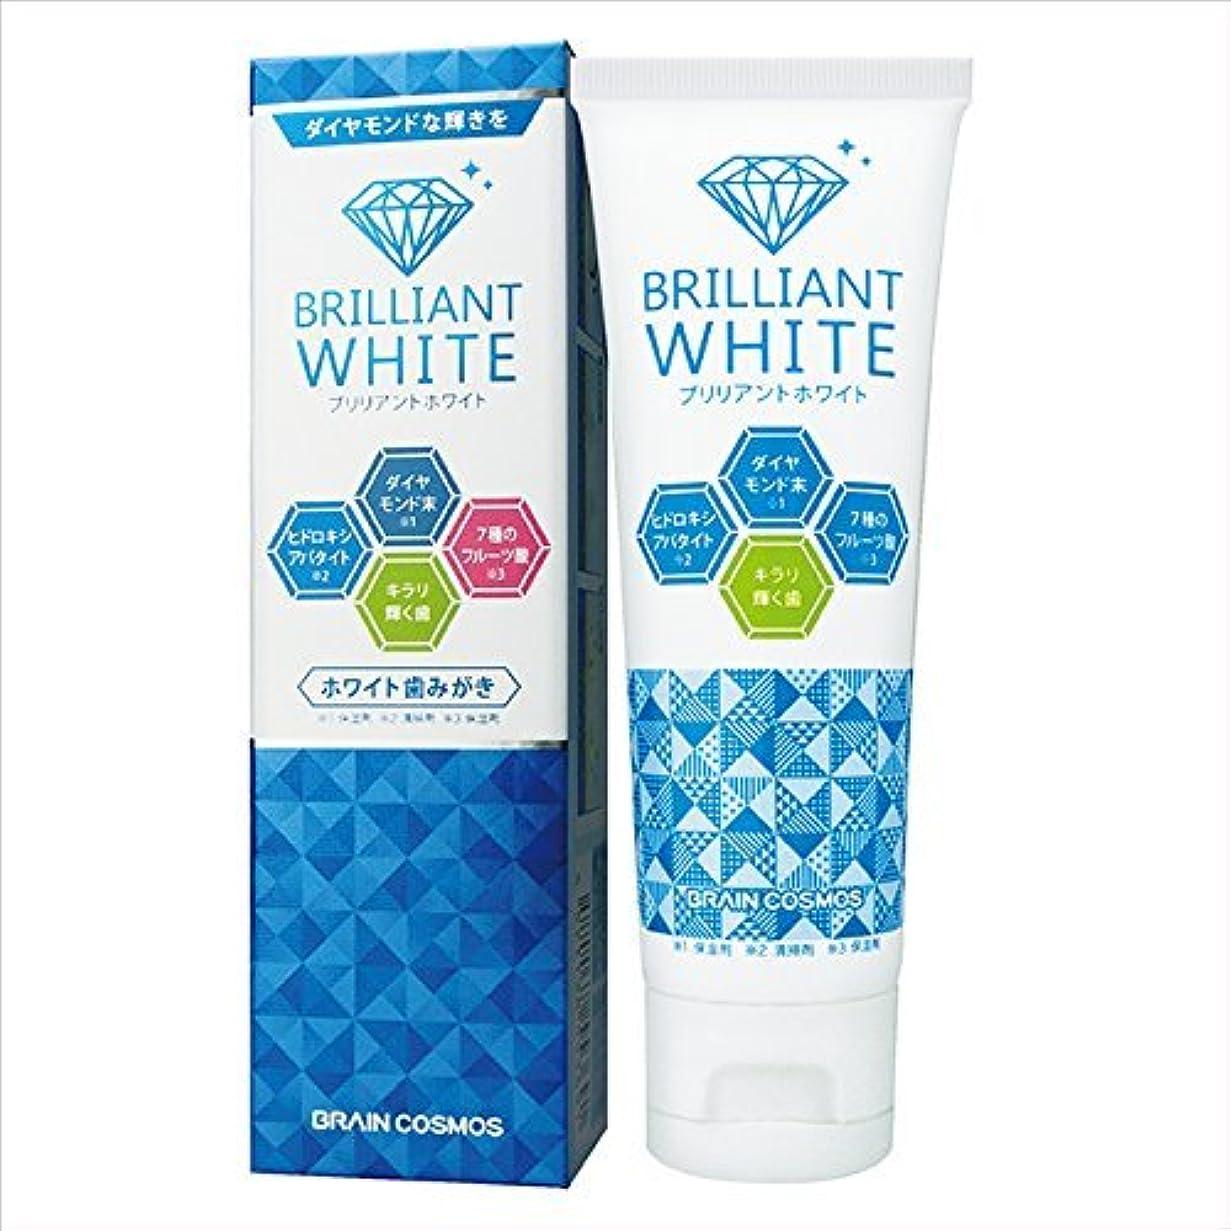 洞察力のある原告反響する2本セット ブリリアントホワイト ホワイト歯みがき 100g